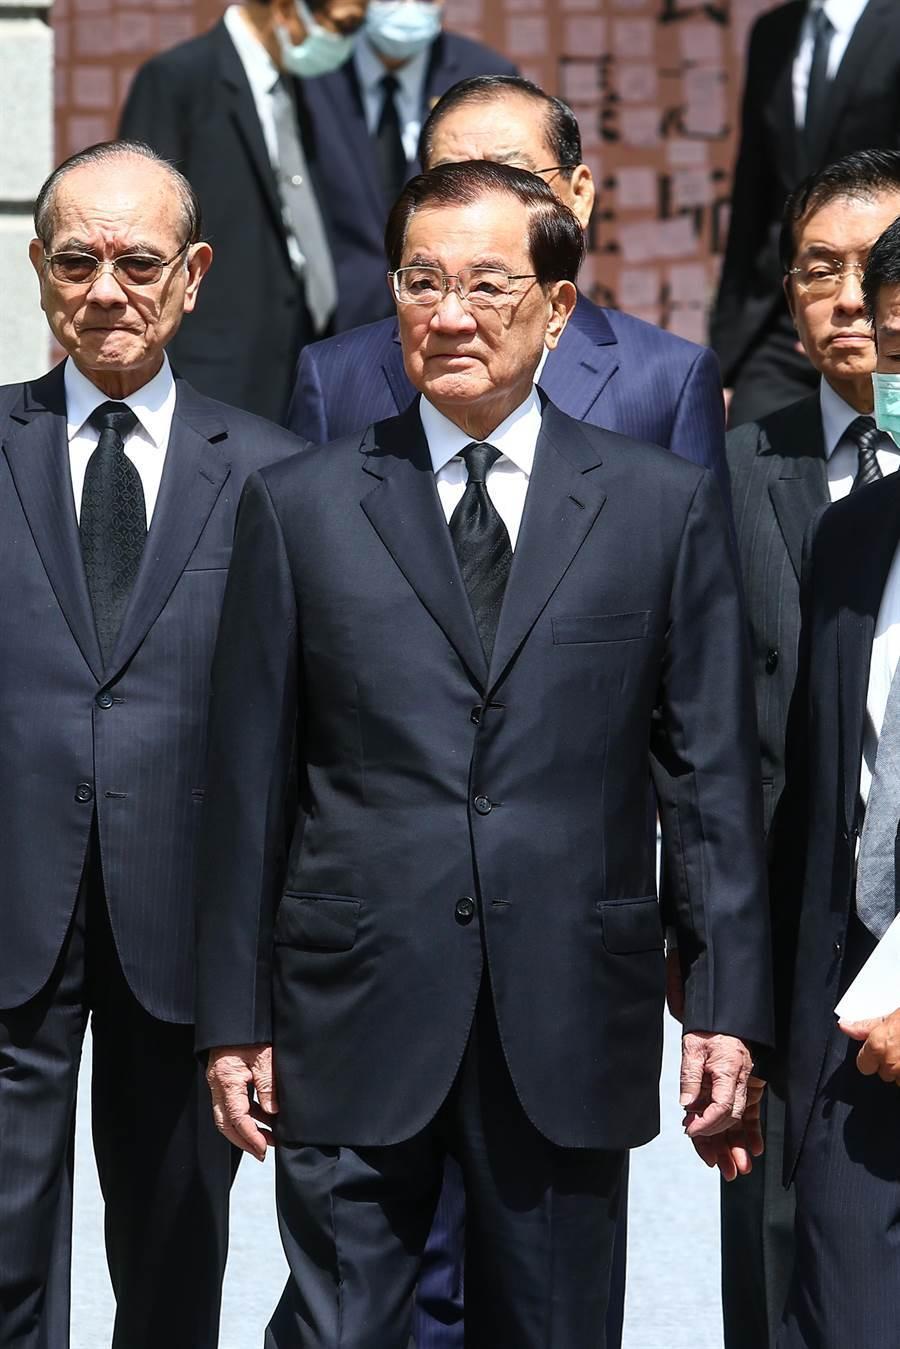 前副總統連戰5日到台北賓館追思前總統李登輝。他受訪時表示,李登輝主持國政12年,是台灣轉型的一個時刻,對於台灣民主自由、社會和經濟的發展都有很多很重大的貢獻,「我們都會常存在我們的心頭」。(鄧博仁攝)